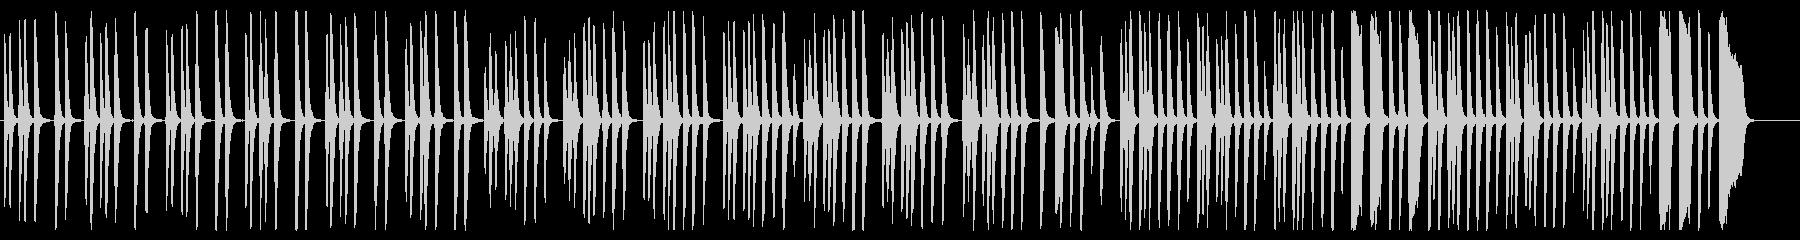 軽快なピアノの行進曲の未再生の波形